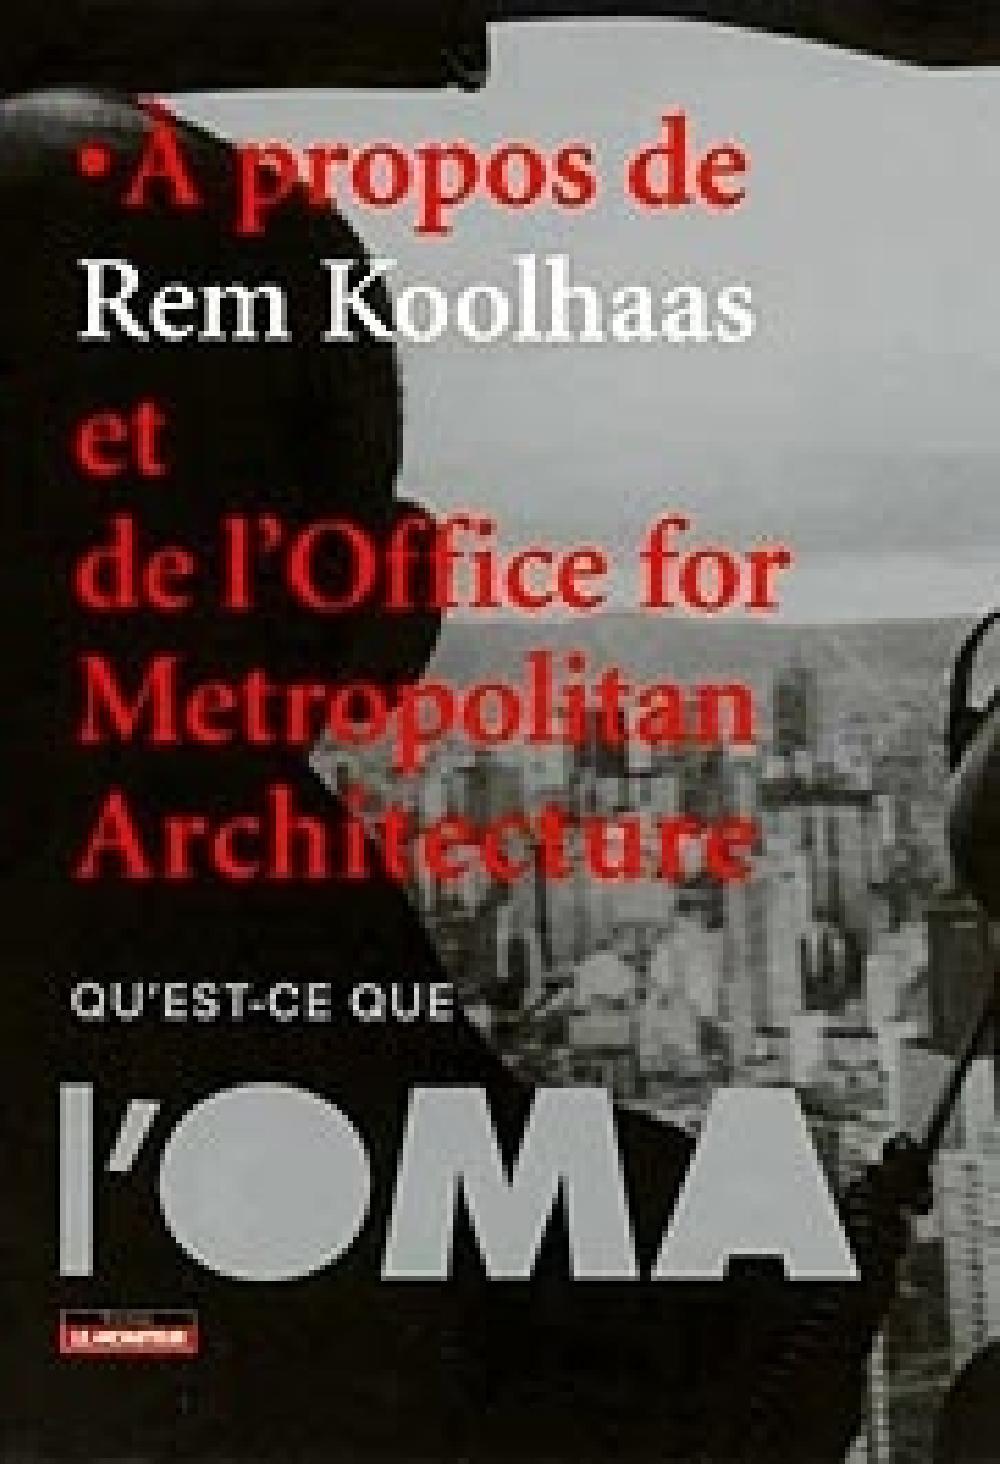 À propos de Rem Koolhaas